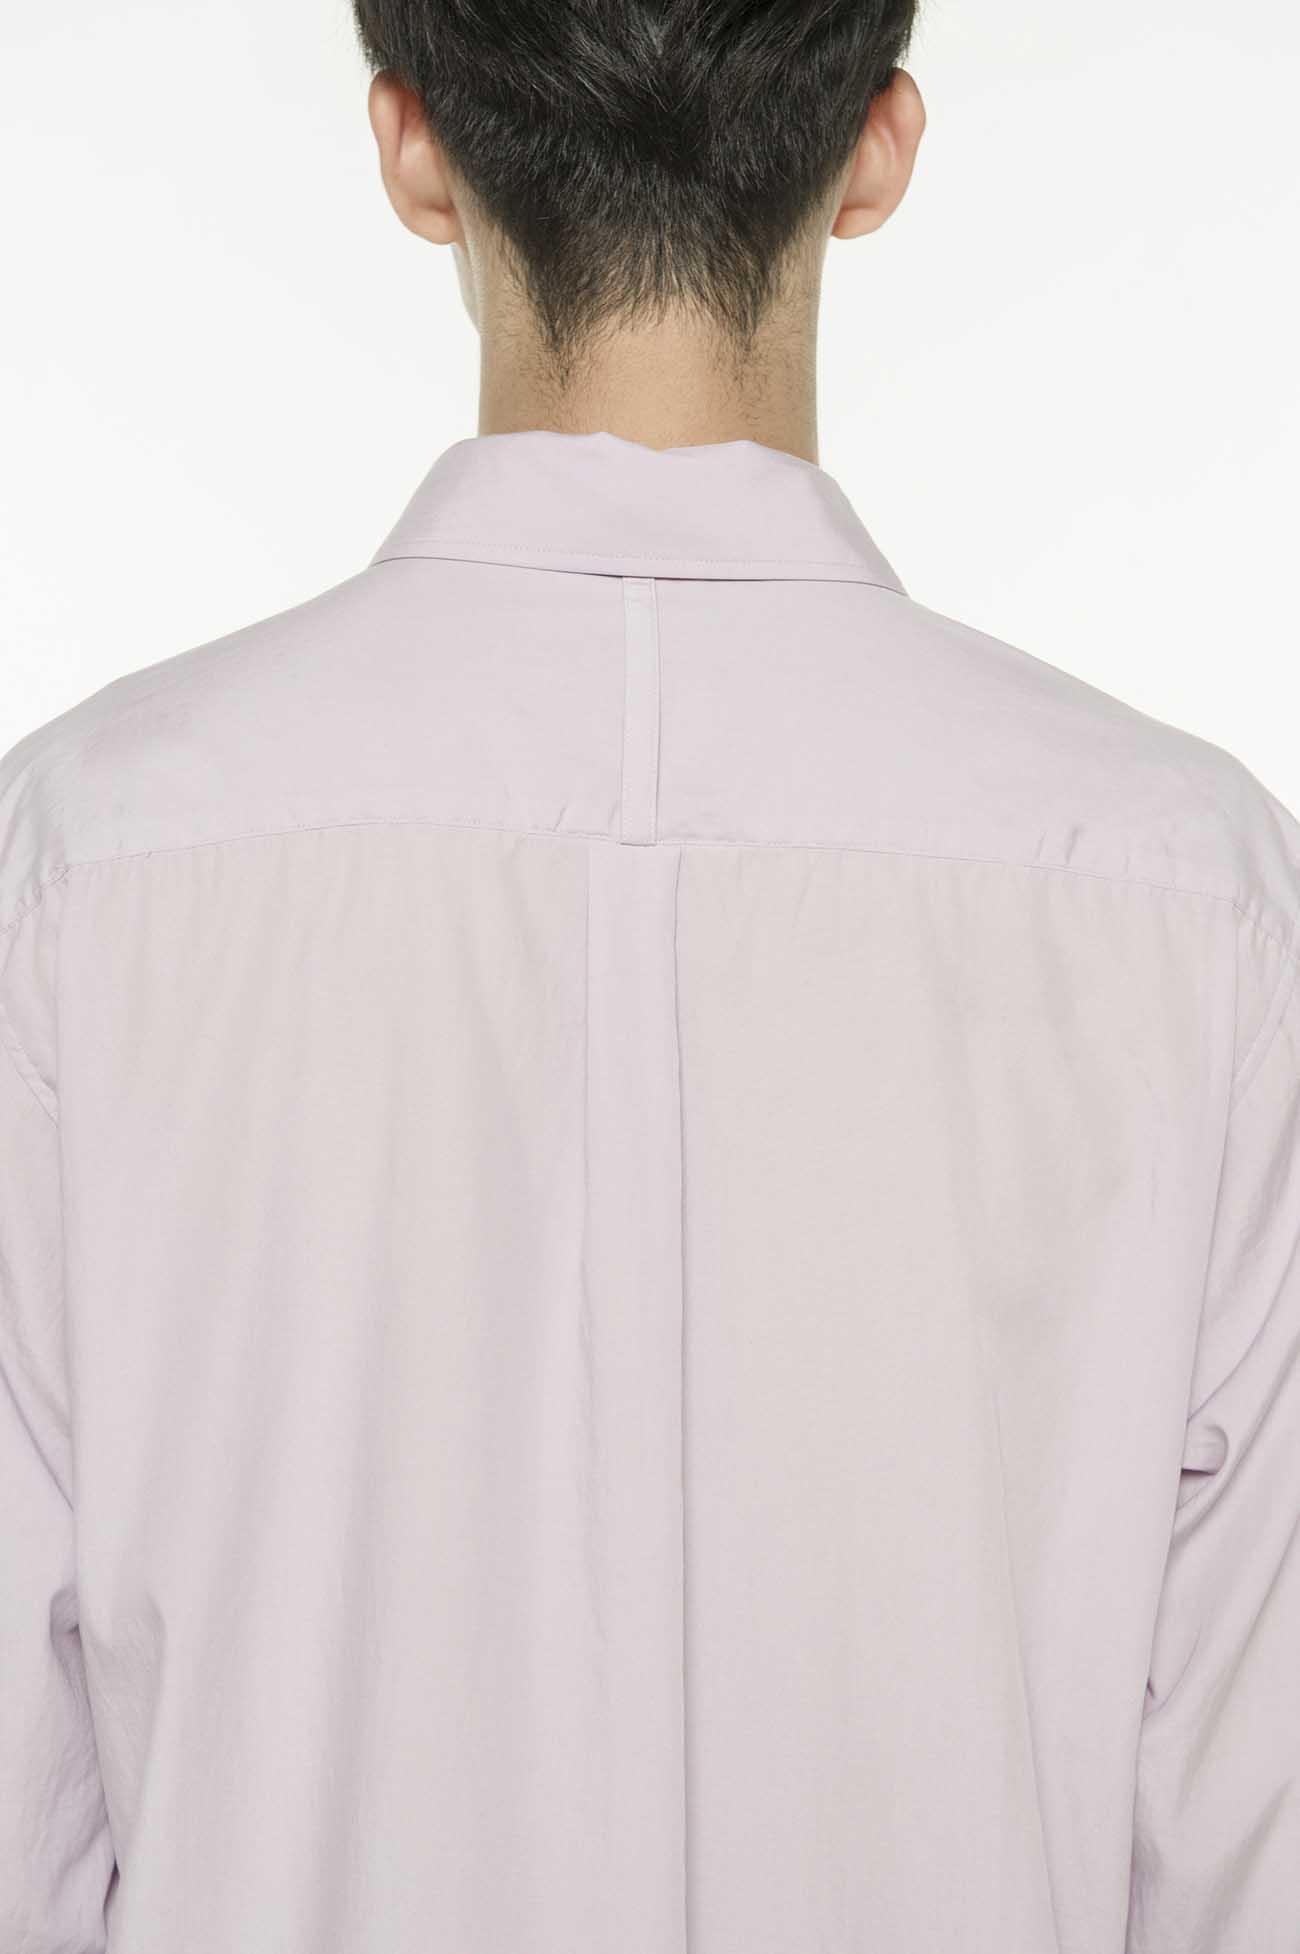 薰衣草刺绣长款衬衫